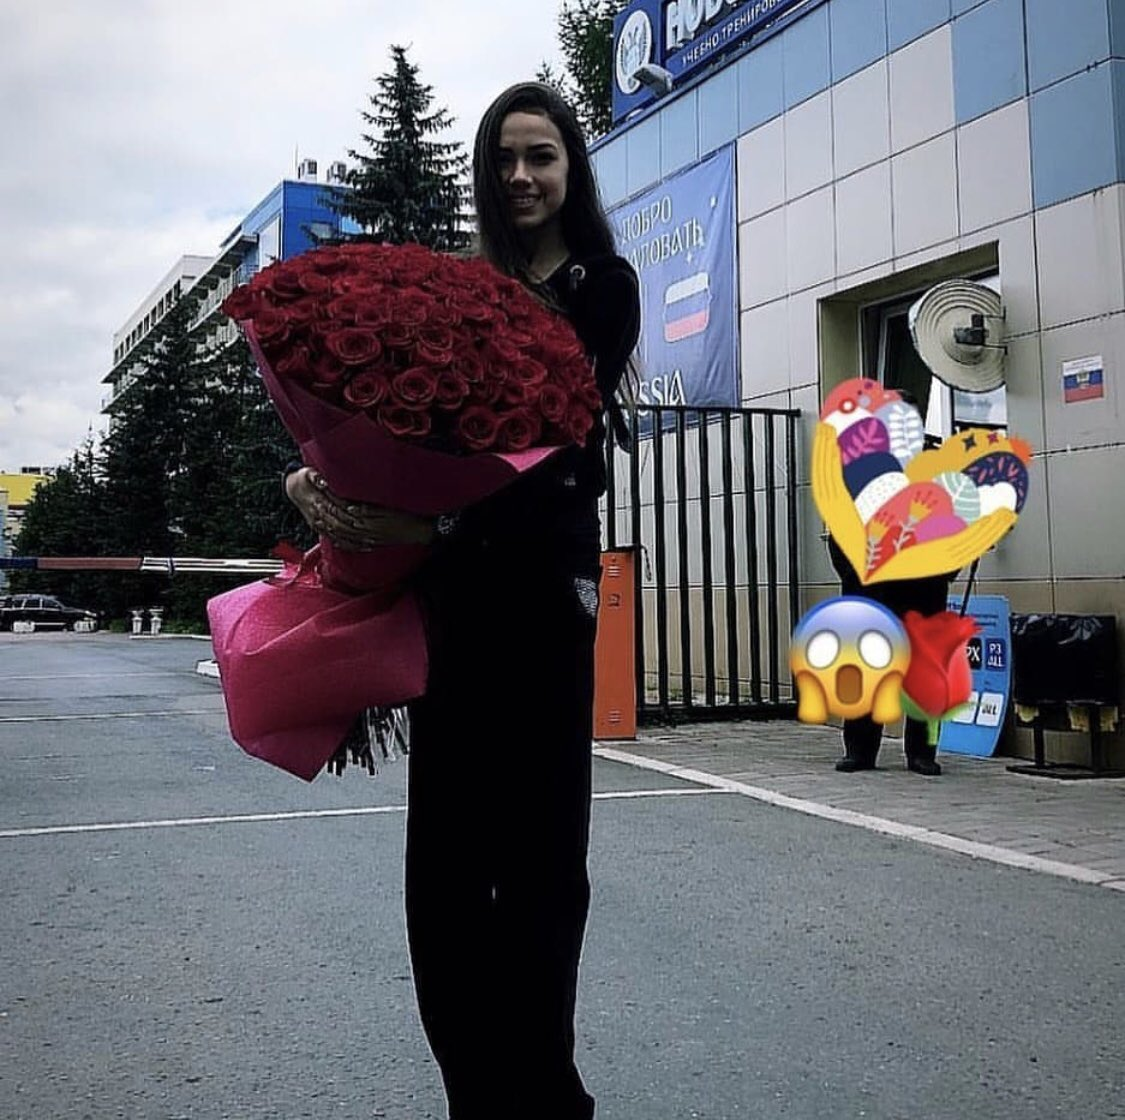 ザギトワが立派なバラを持ってる!→そんな事より脚長! 女版羽生だ!